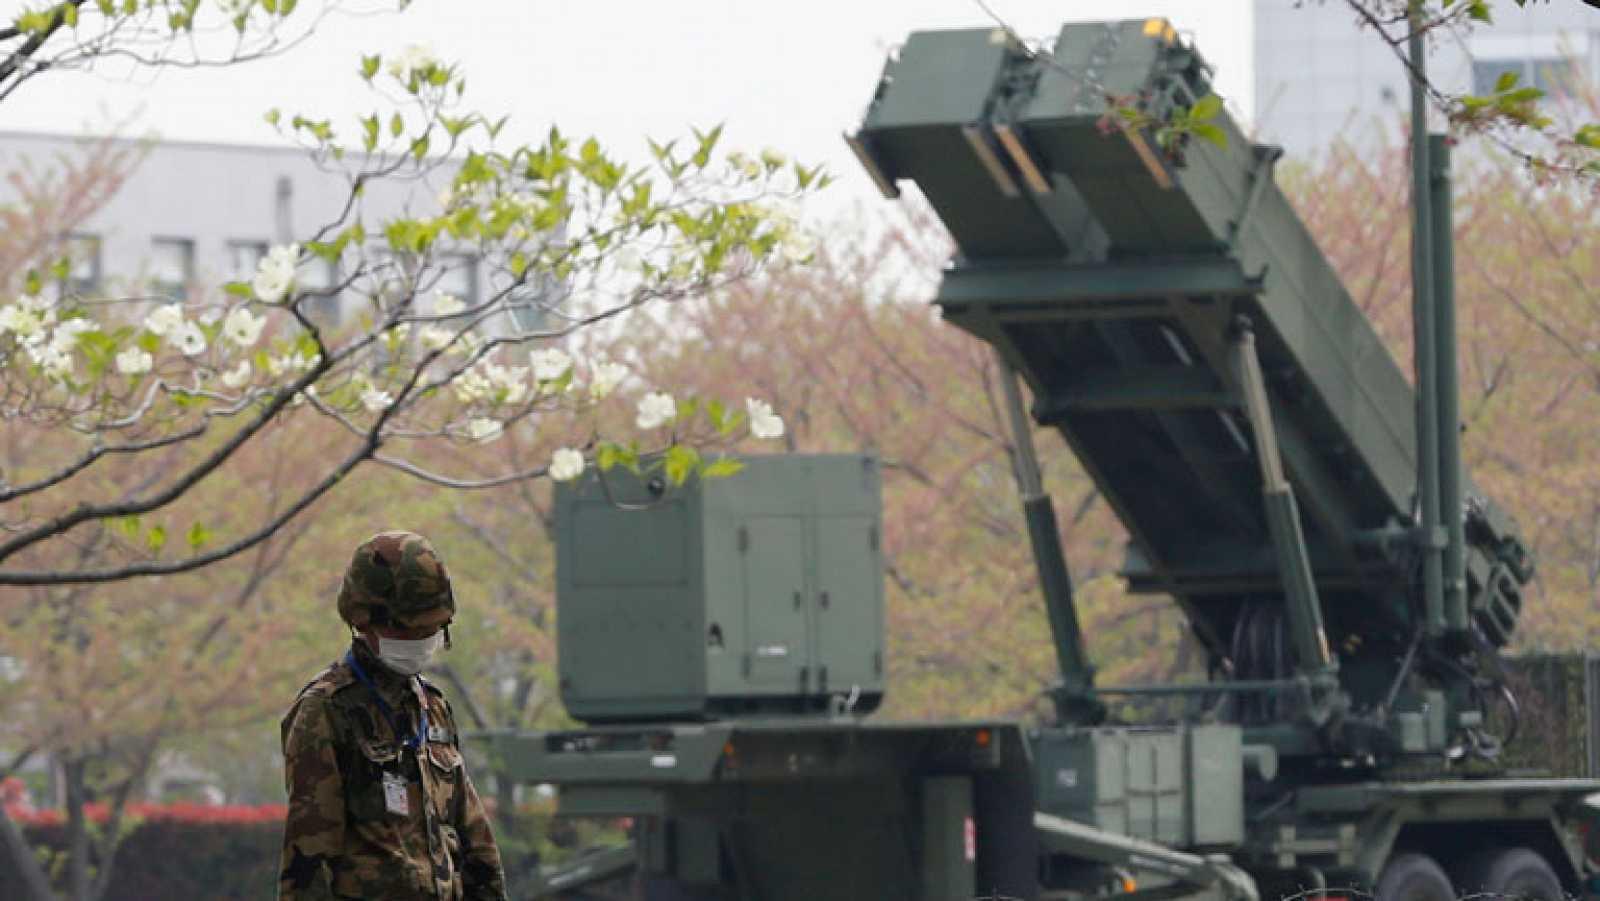 Japón despliega en el centro de Tokio sistemas antimisiles ante la amenaza norcoreana